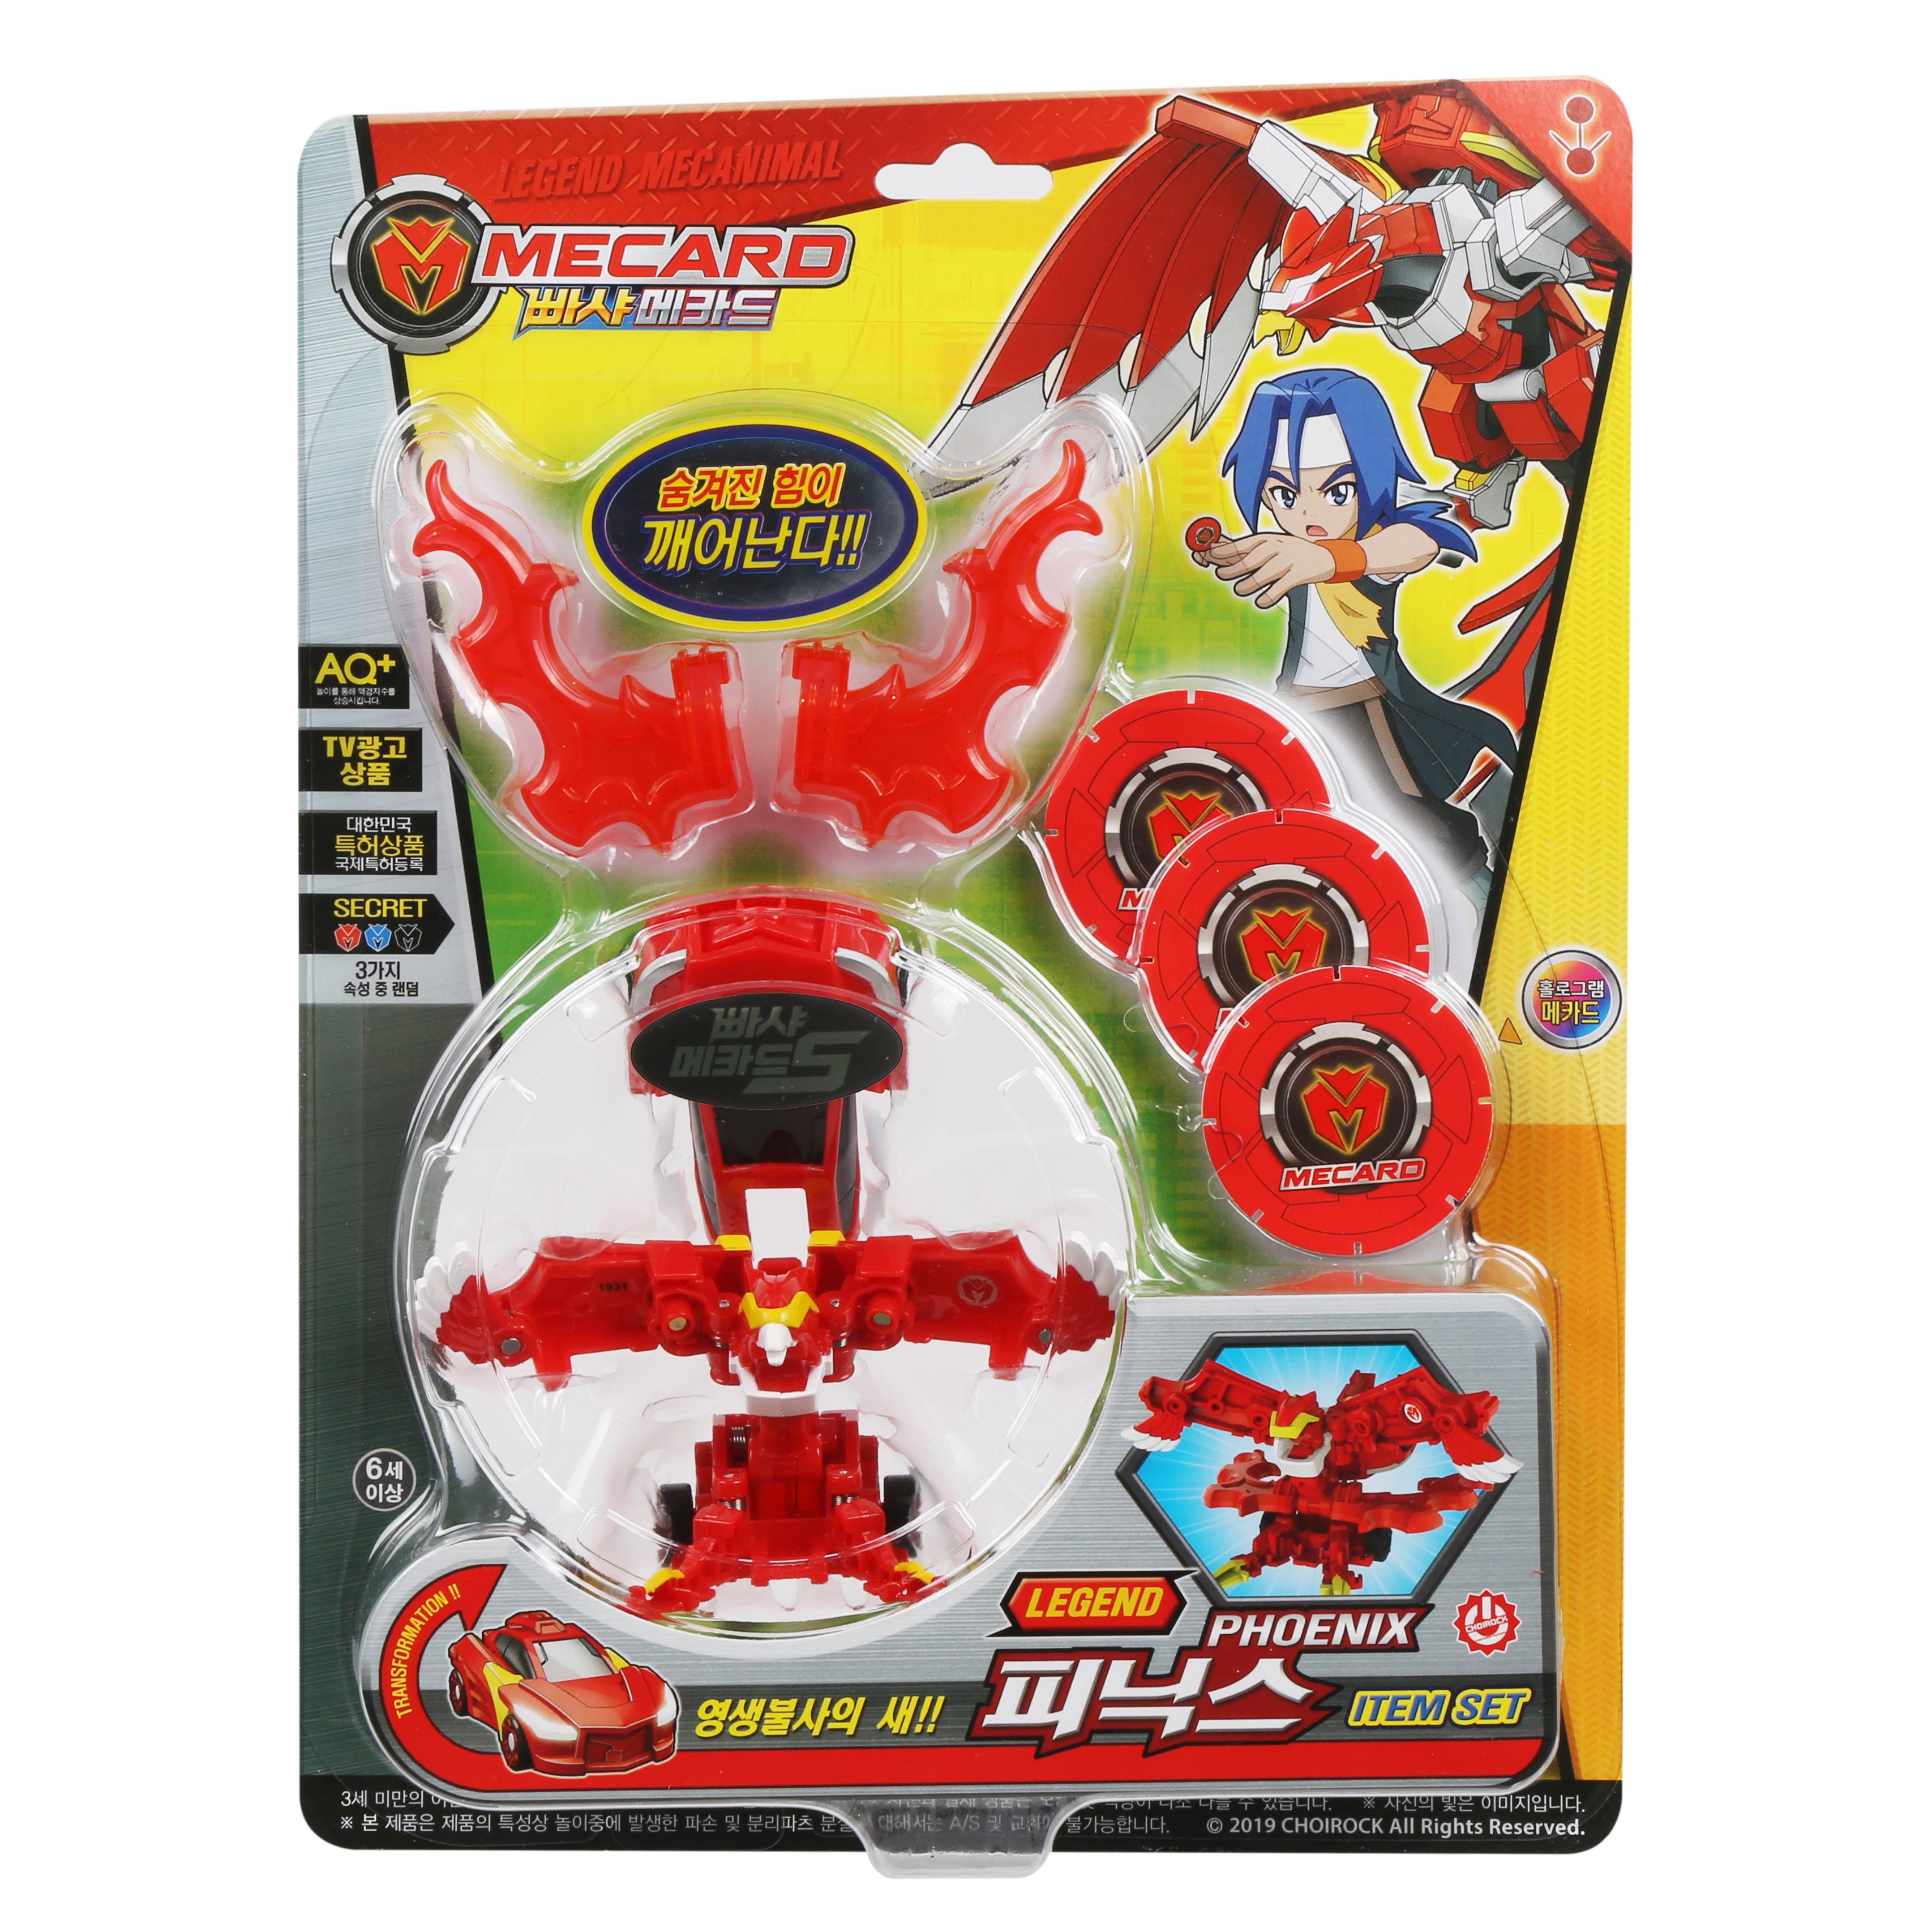 빠샤메카드 레전드피닉스 아이템세트 로봇장난감, 혼합 색상